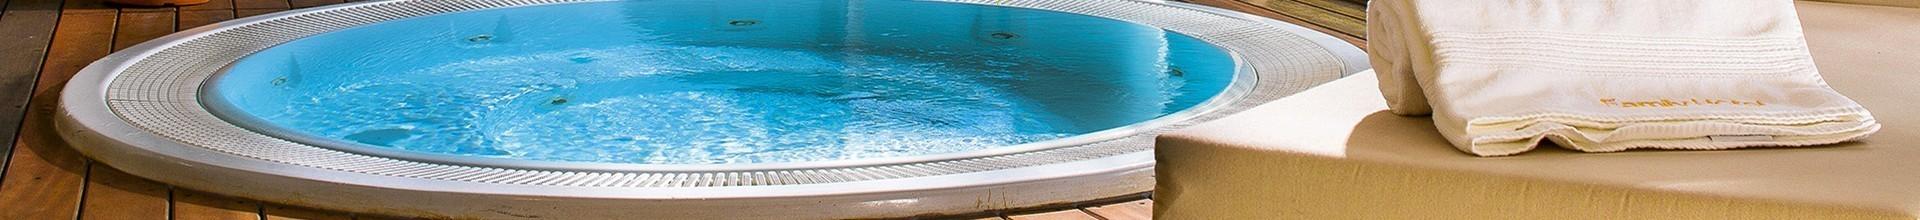 Vente spa en ligne direct fabricant, produit français Occitanie